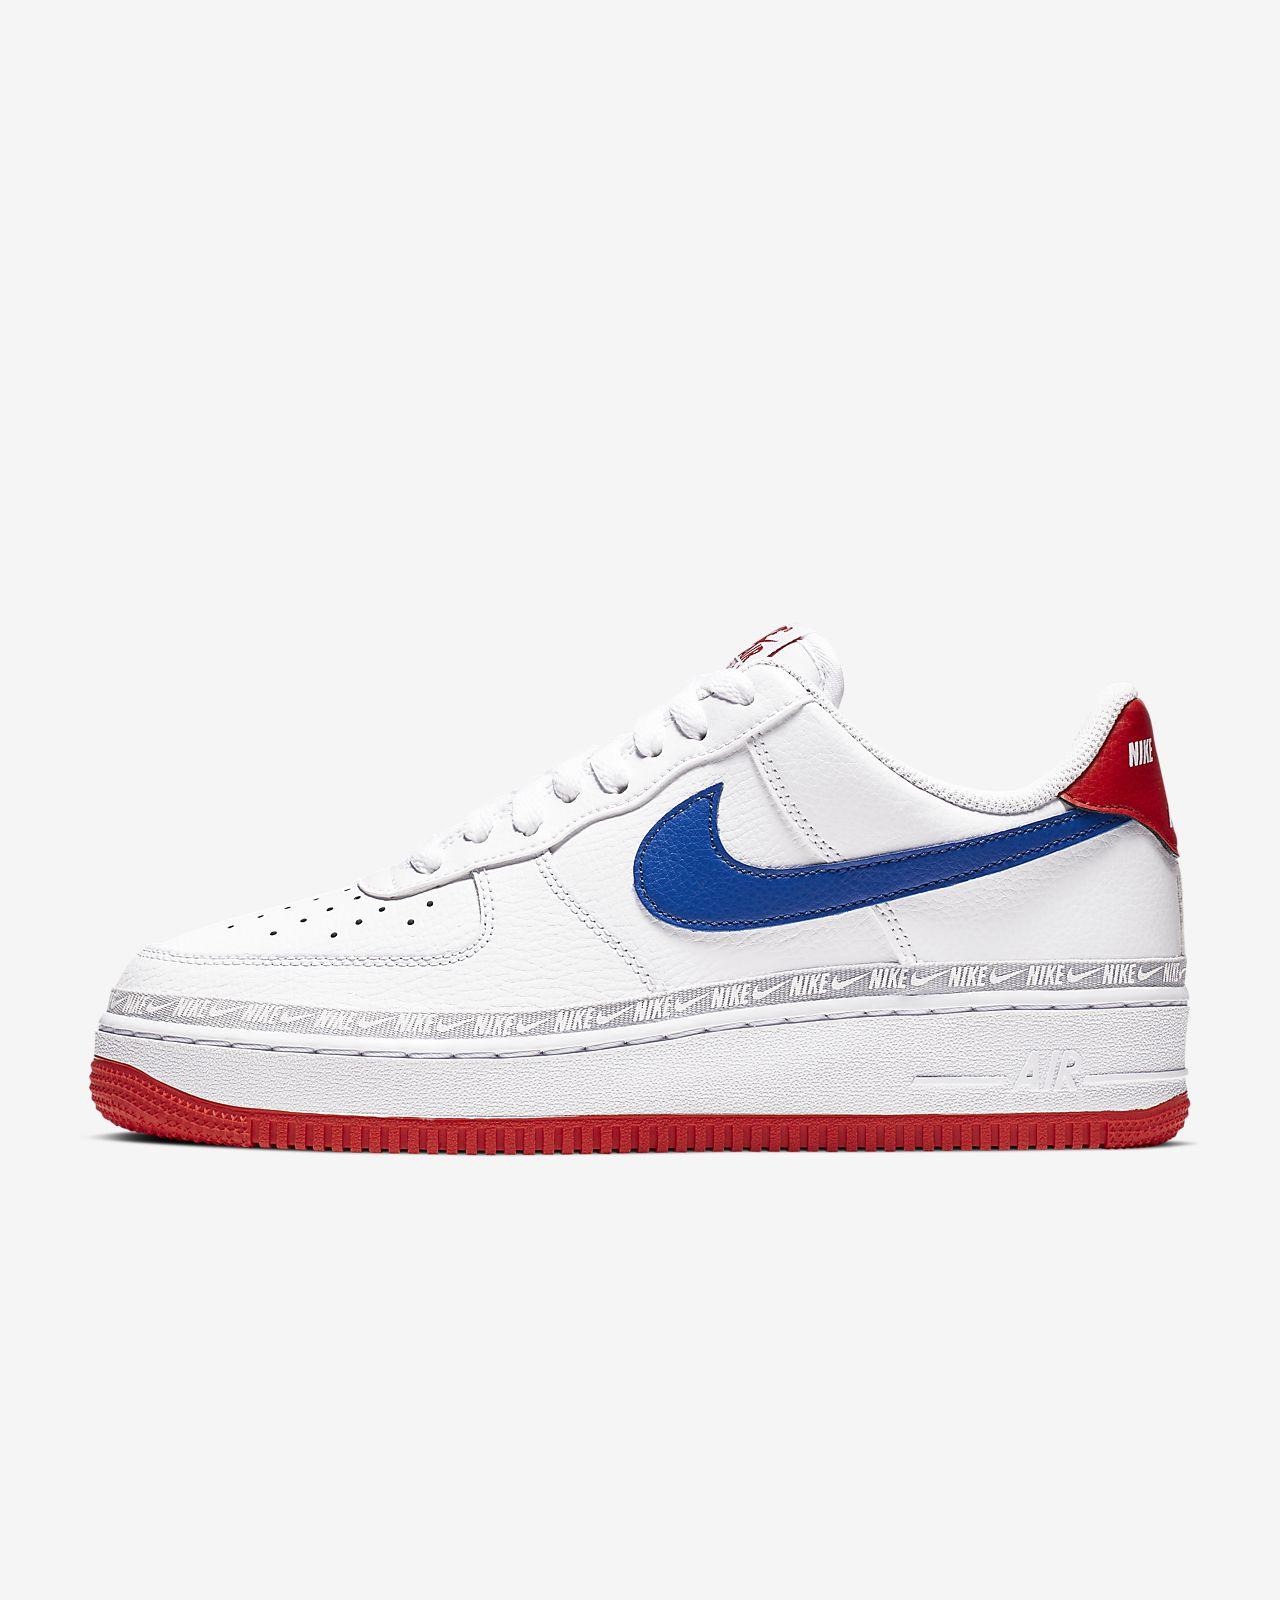 Buty męskie Nike Air Force 1 '07 LV8